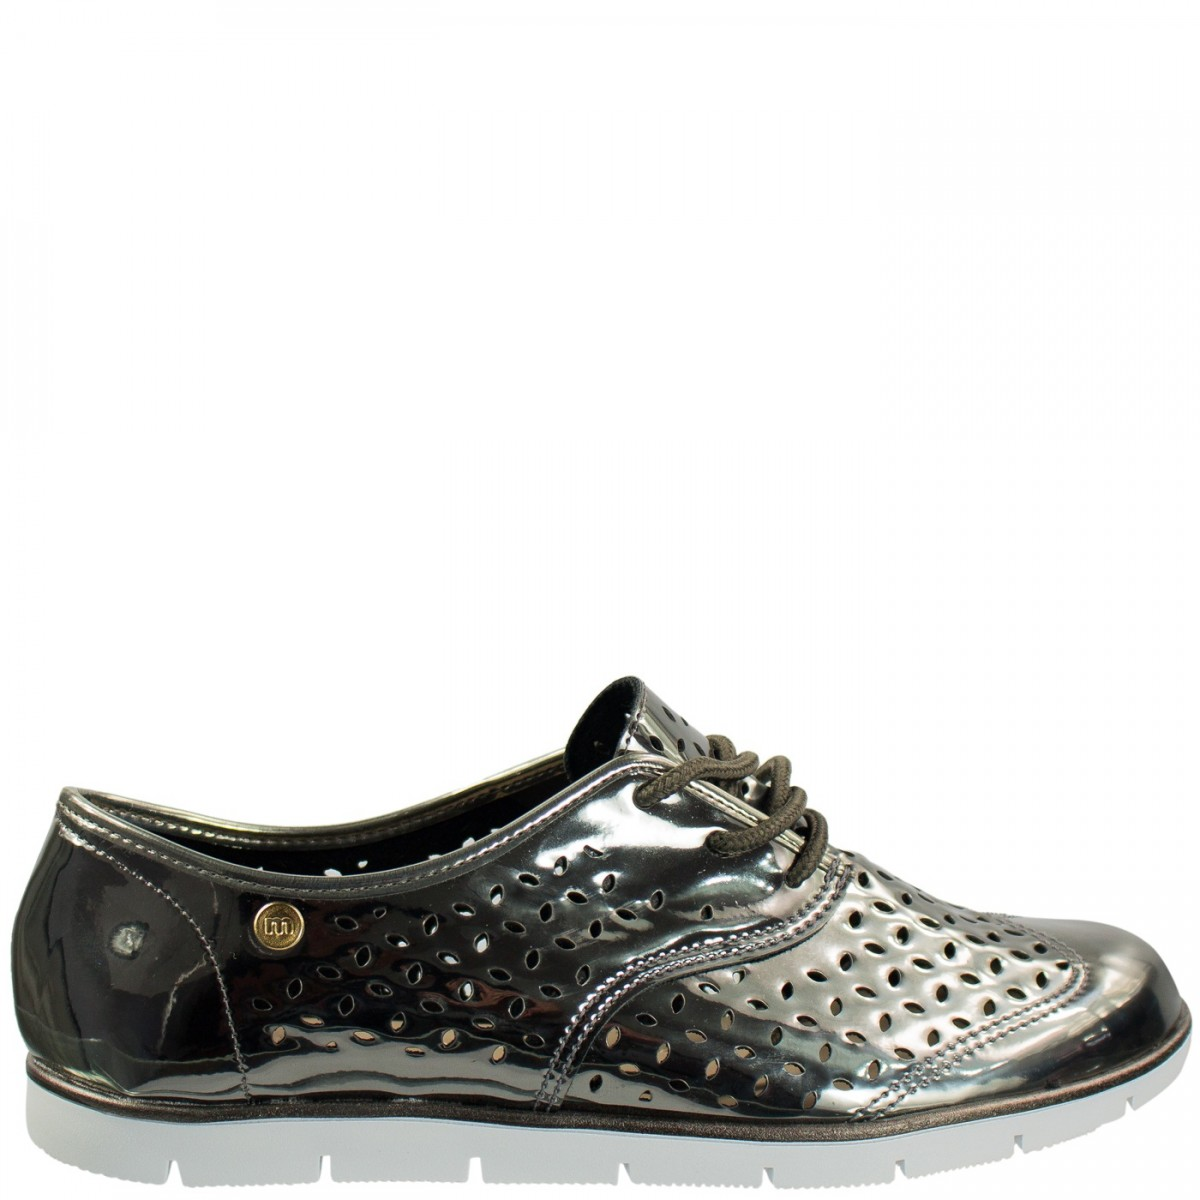 f04126e47 Bizz Store - Tênis Oxford Feminino Moleca Metalizado